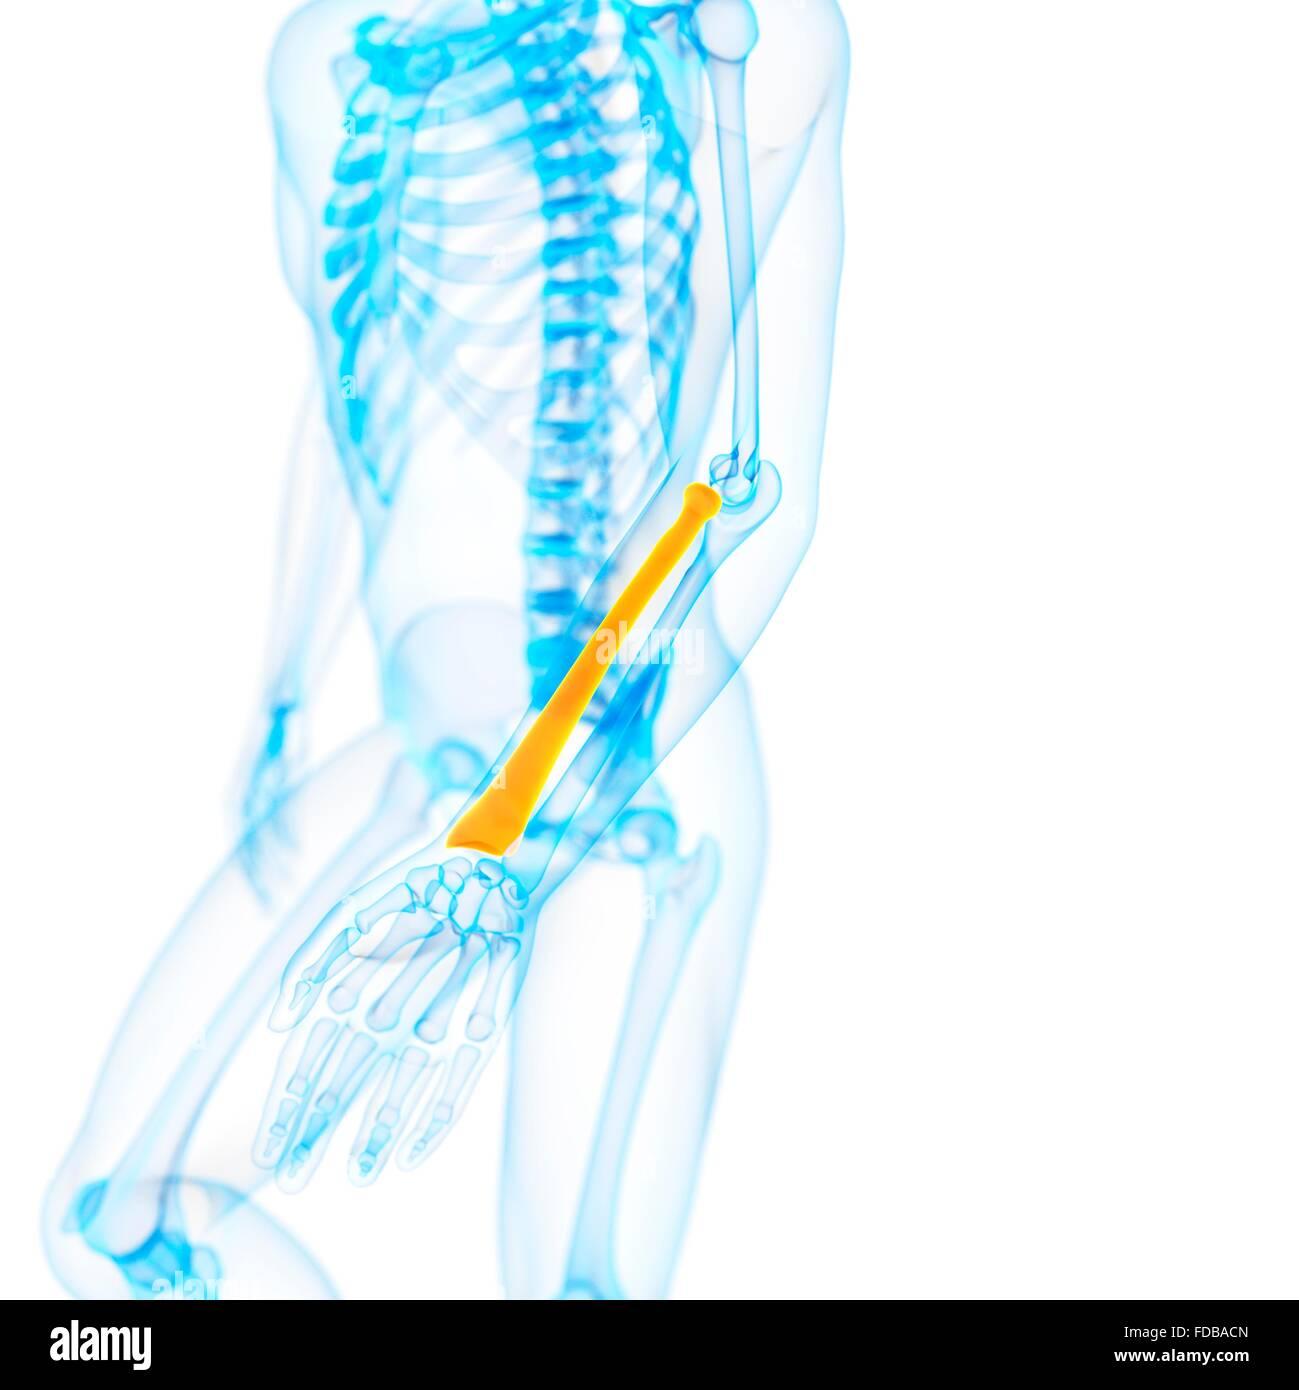 Lower Arm Bone Stockfotos & Lower Arm Bone Bilder - Alamy